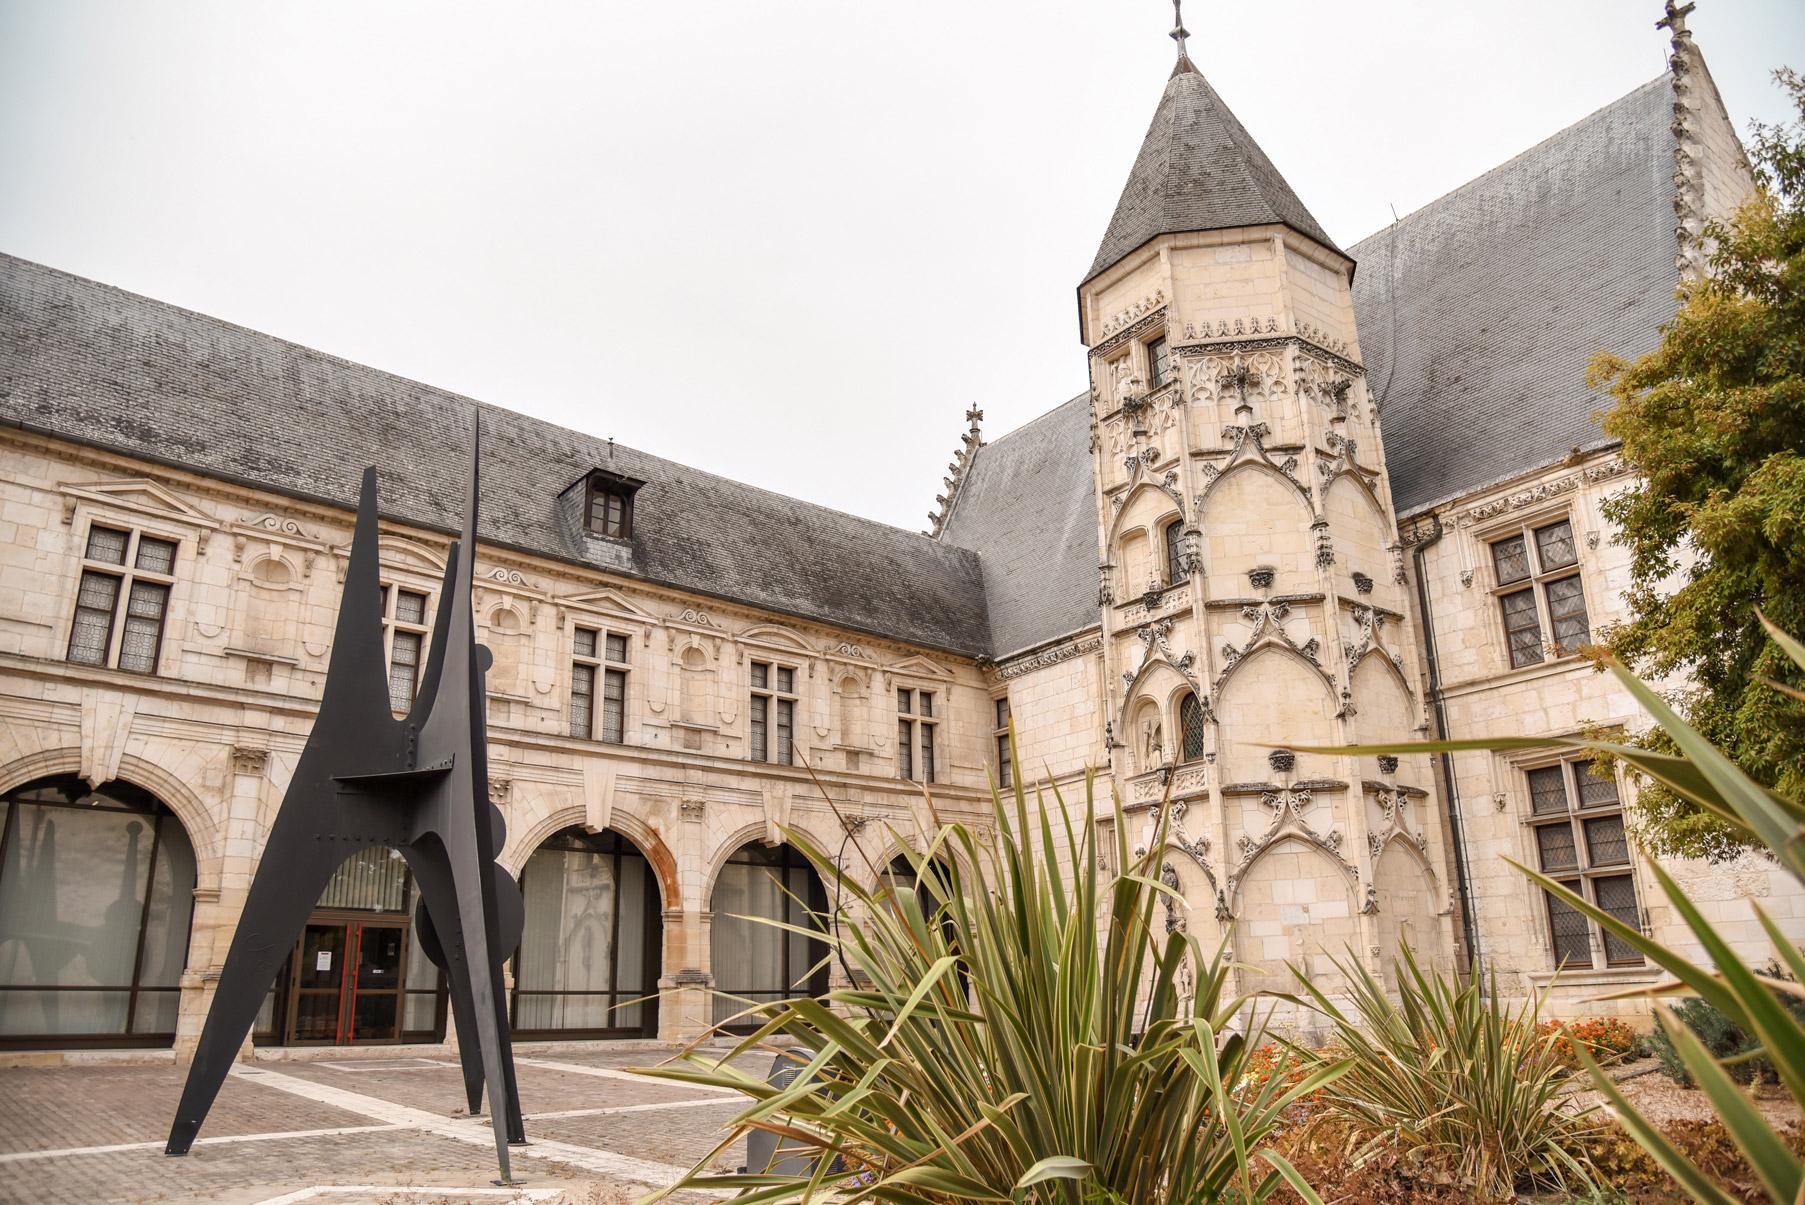 Galerie D Art Bourges les musées et les galeries d'art - bourges berry tourisme